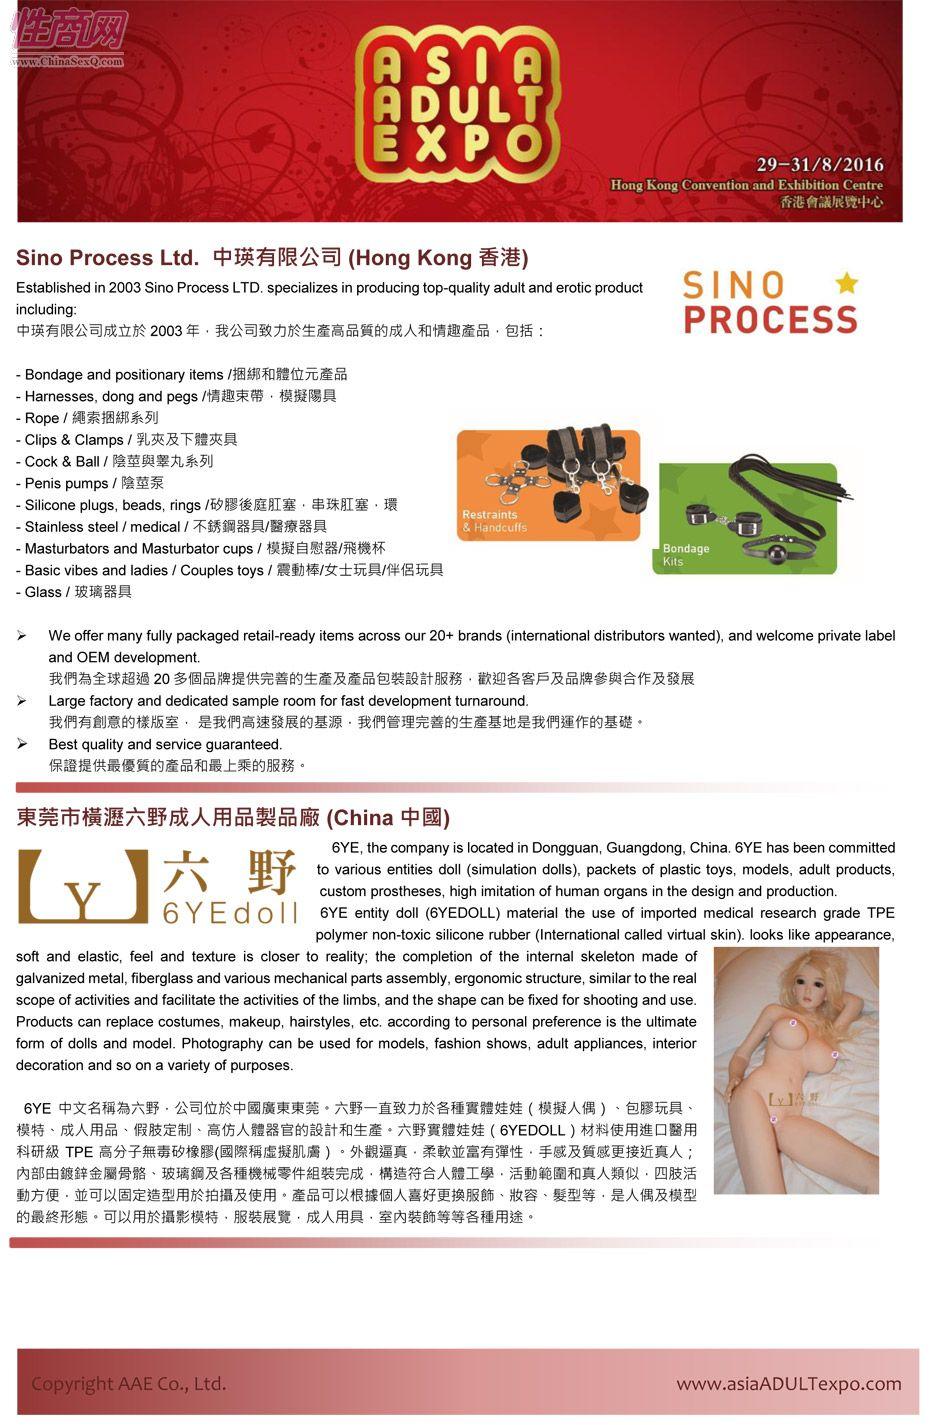 2016年亚洲成人博览AAE(香港)参展企业图片3